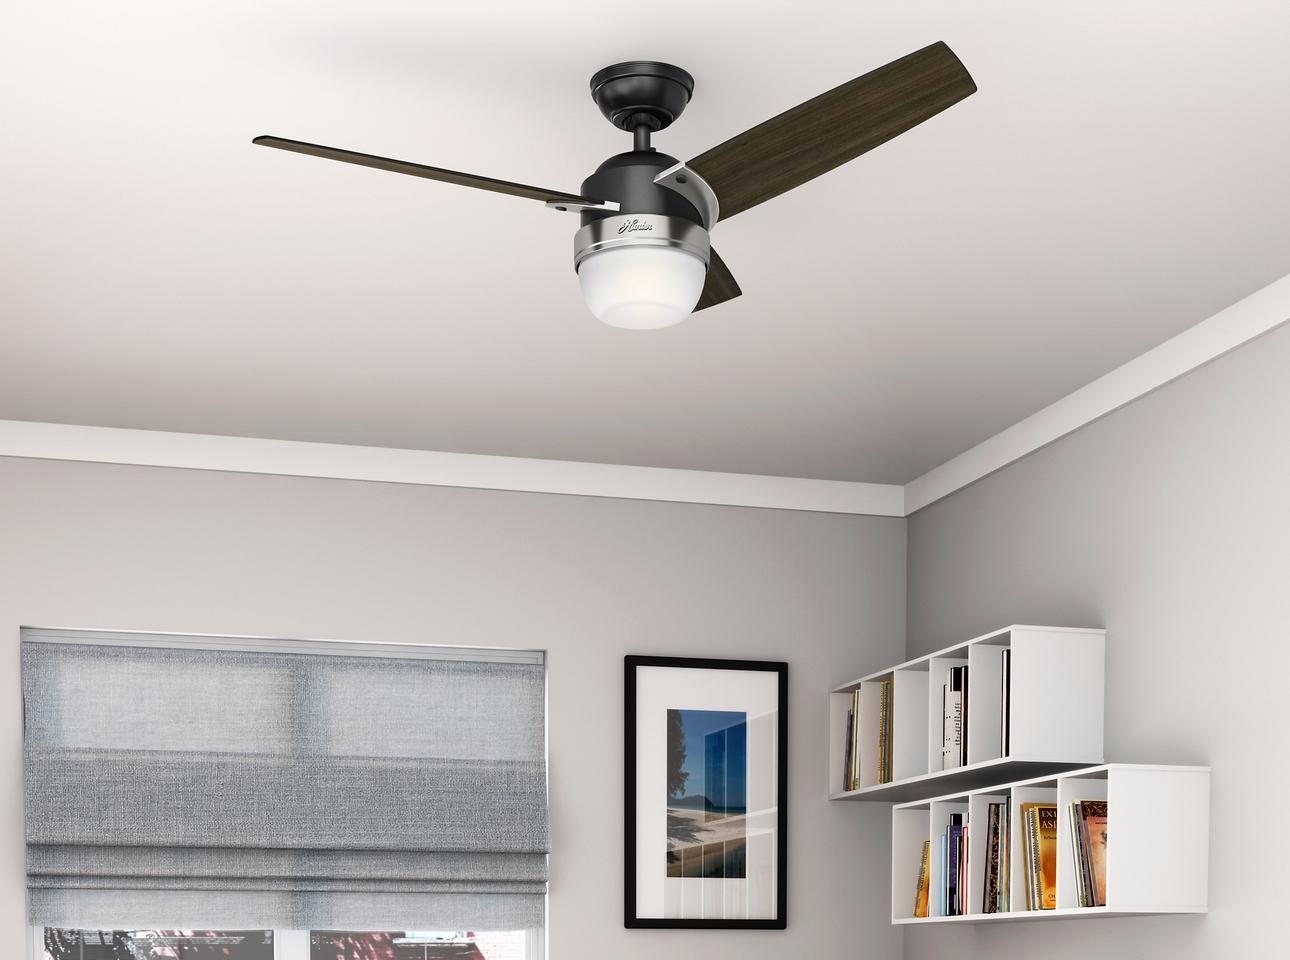 Ventilador de teto retrátil, com LED integrado e até com controle via aplicativo no smartphone